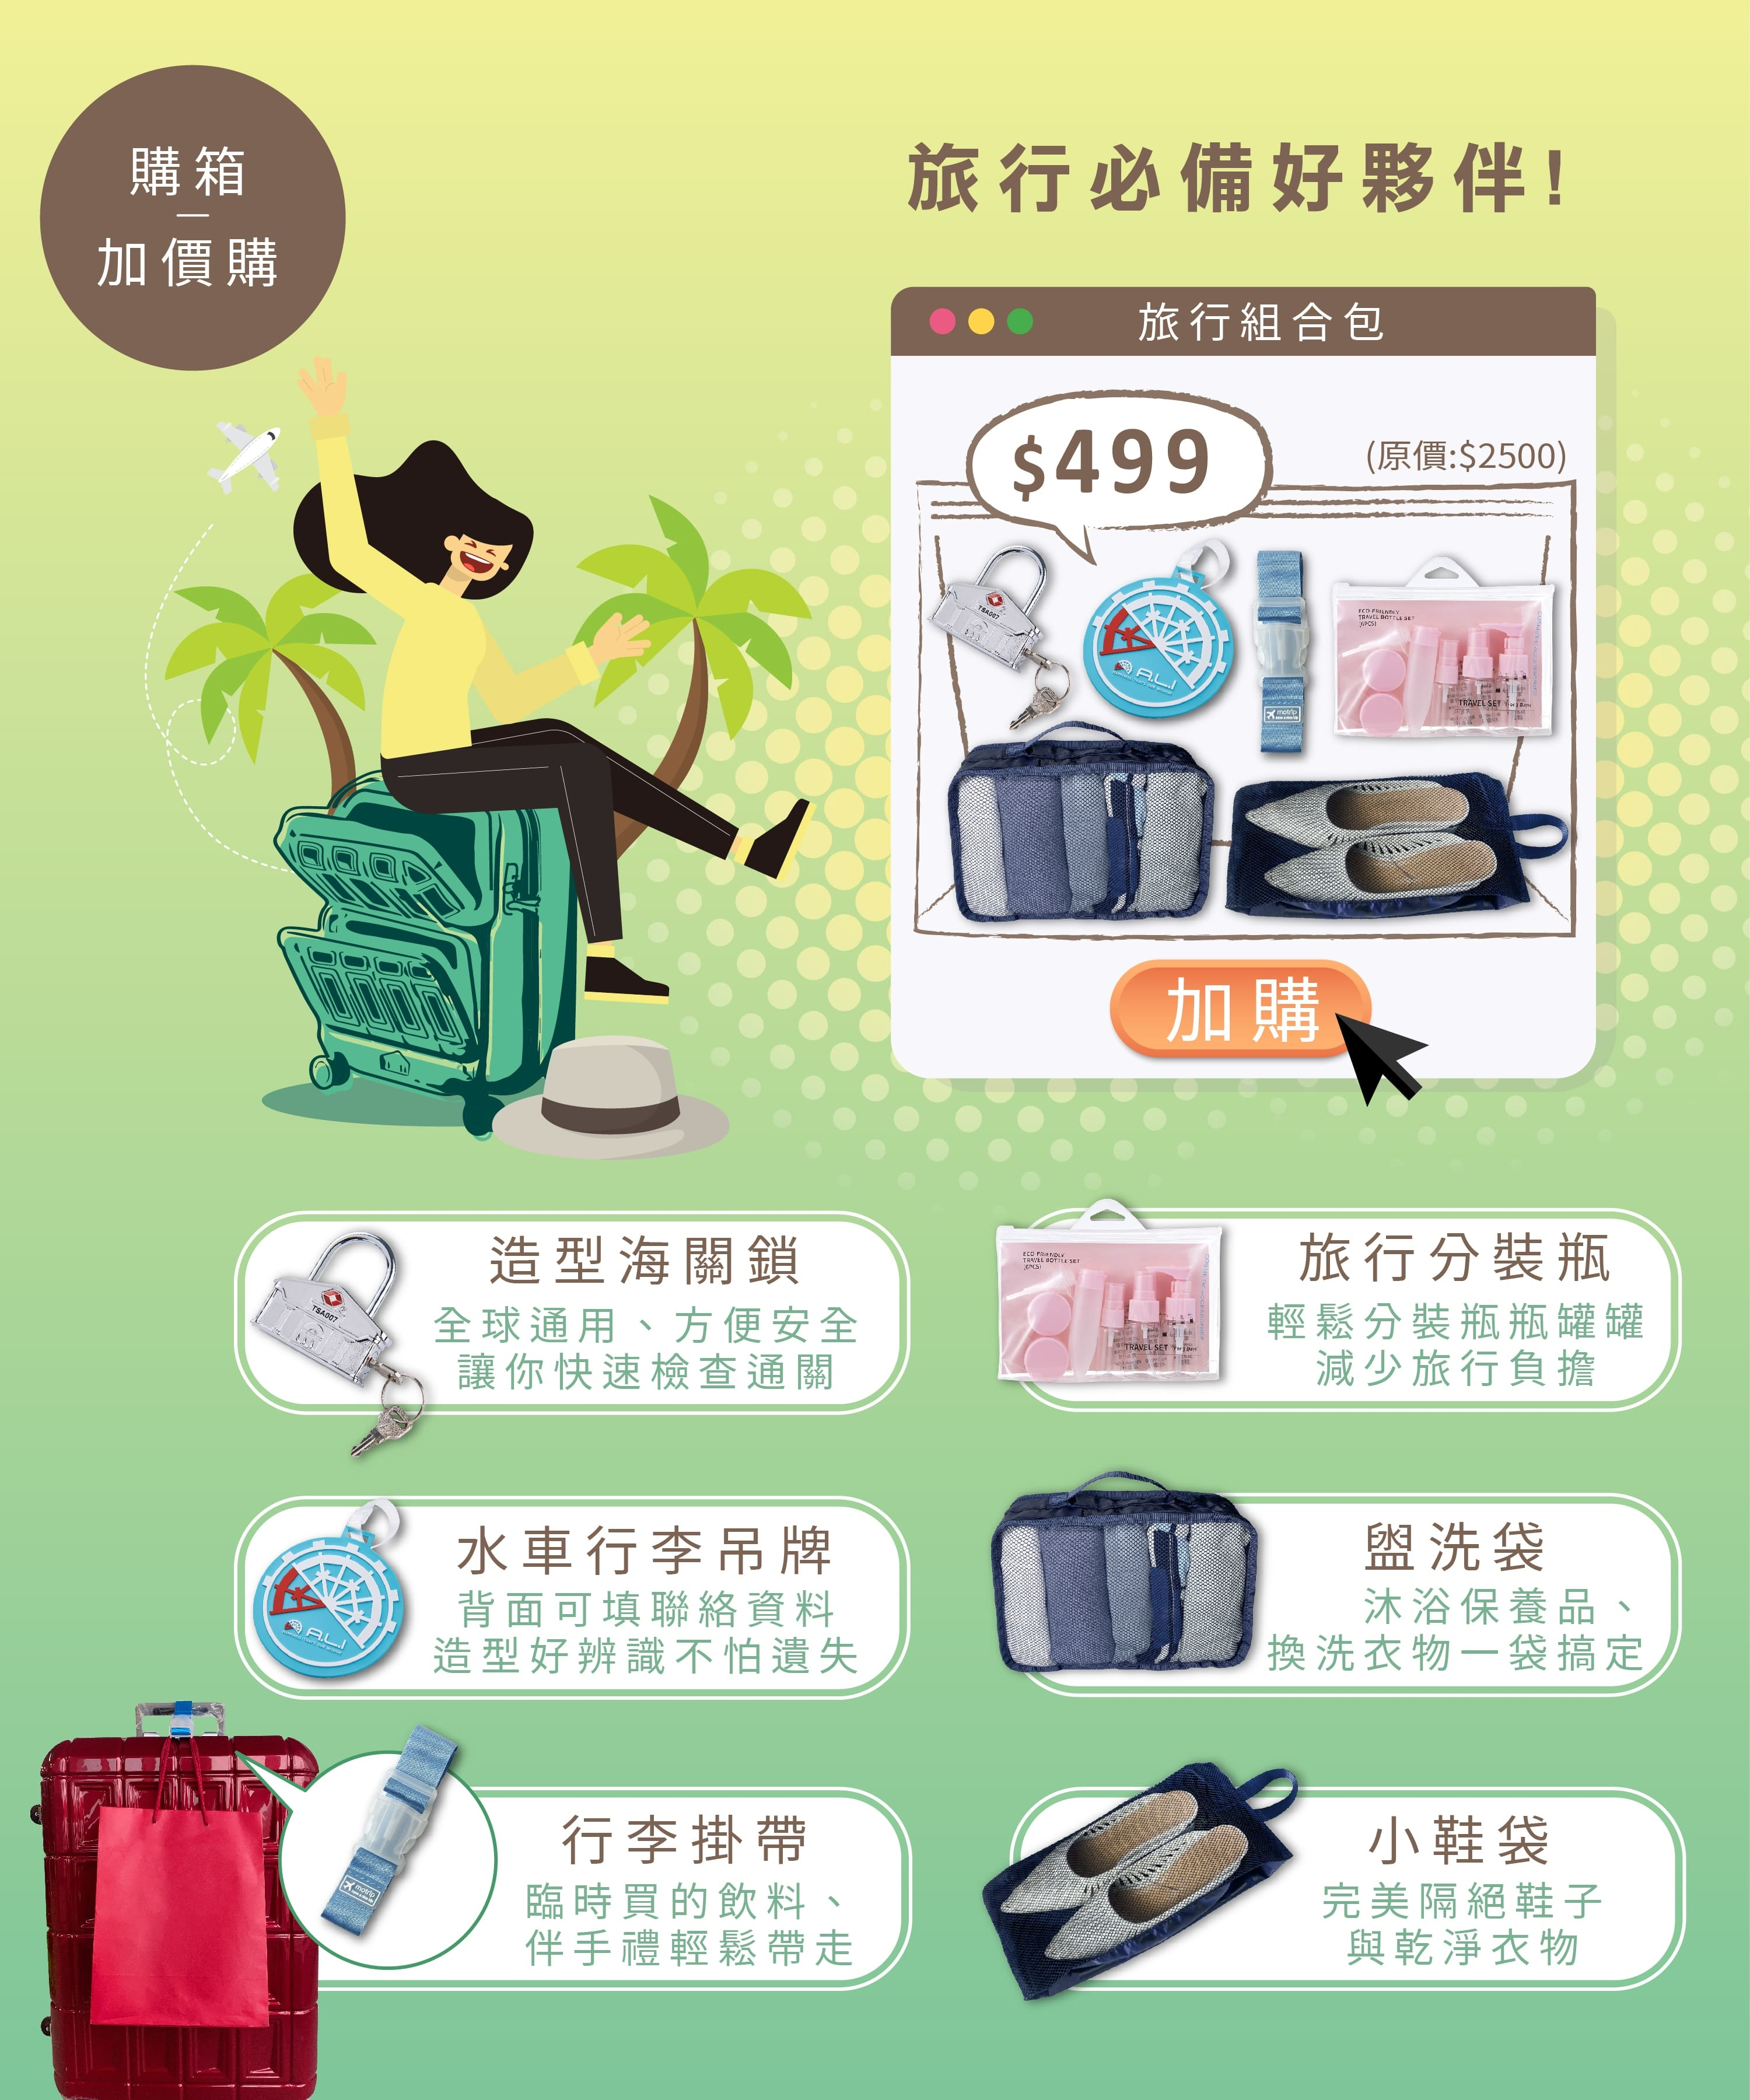 PANTHEON 加價購 旅遊周邊配件組合包